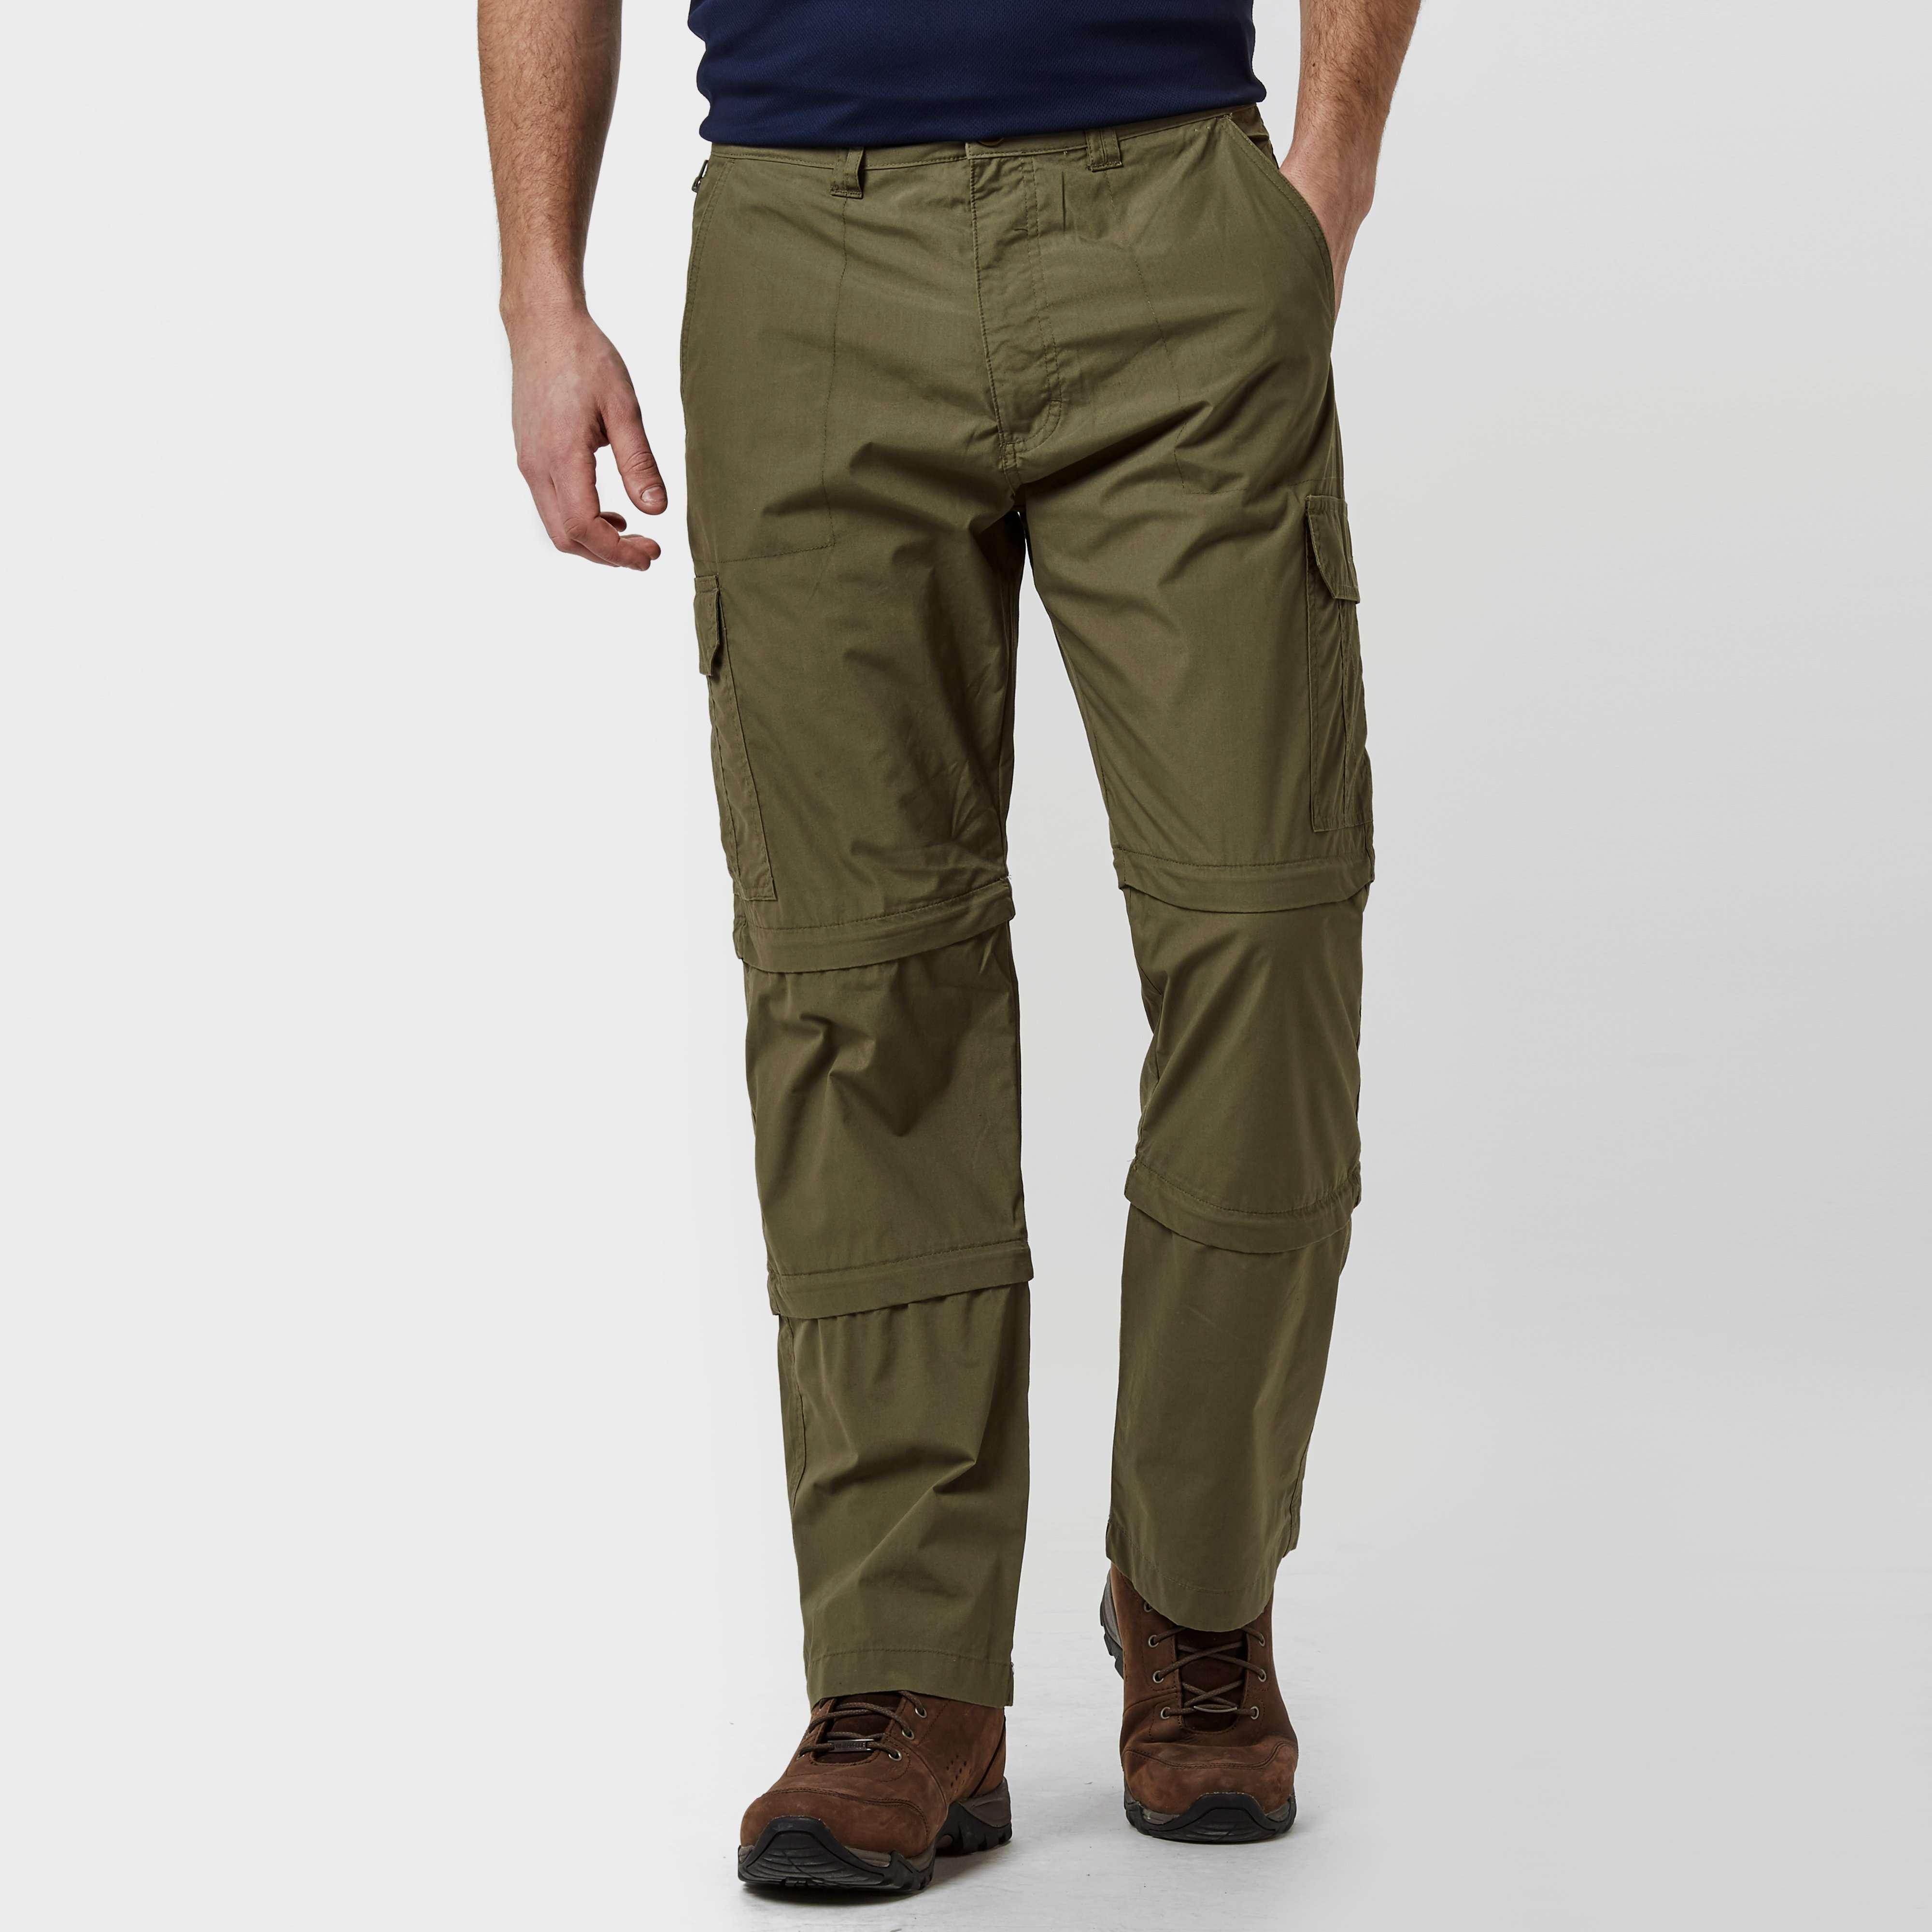 PETER STORM Men's Ramble Double Zip Off Trousers - Short